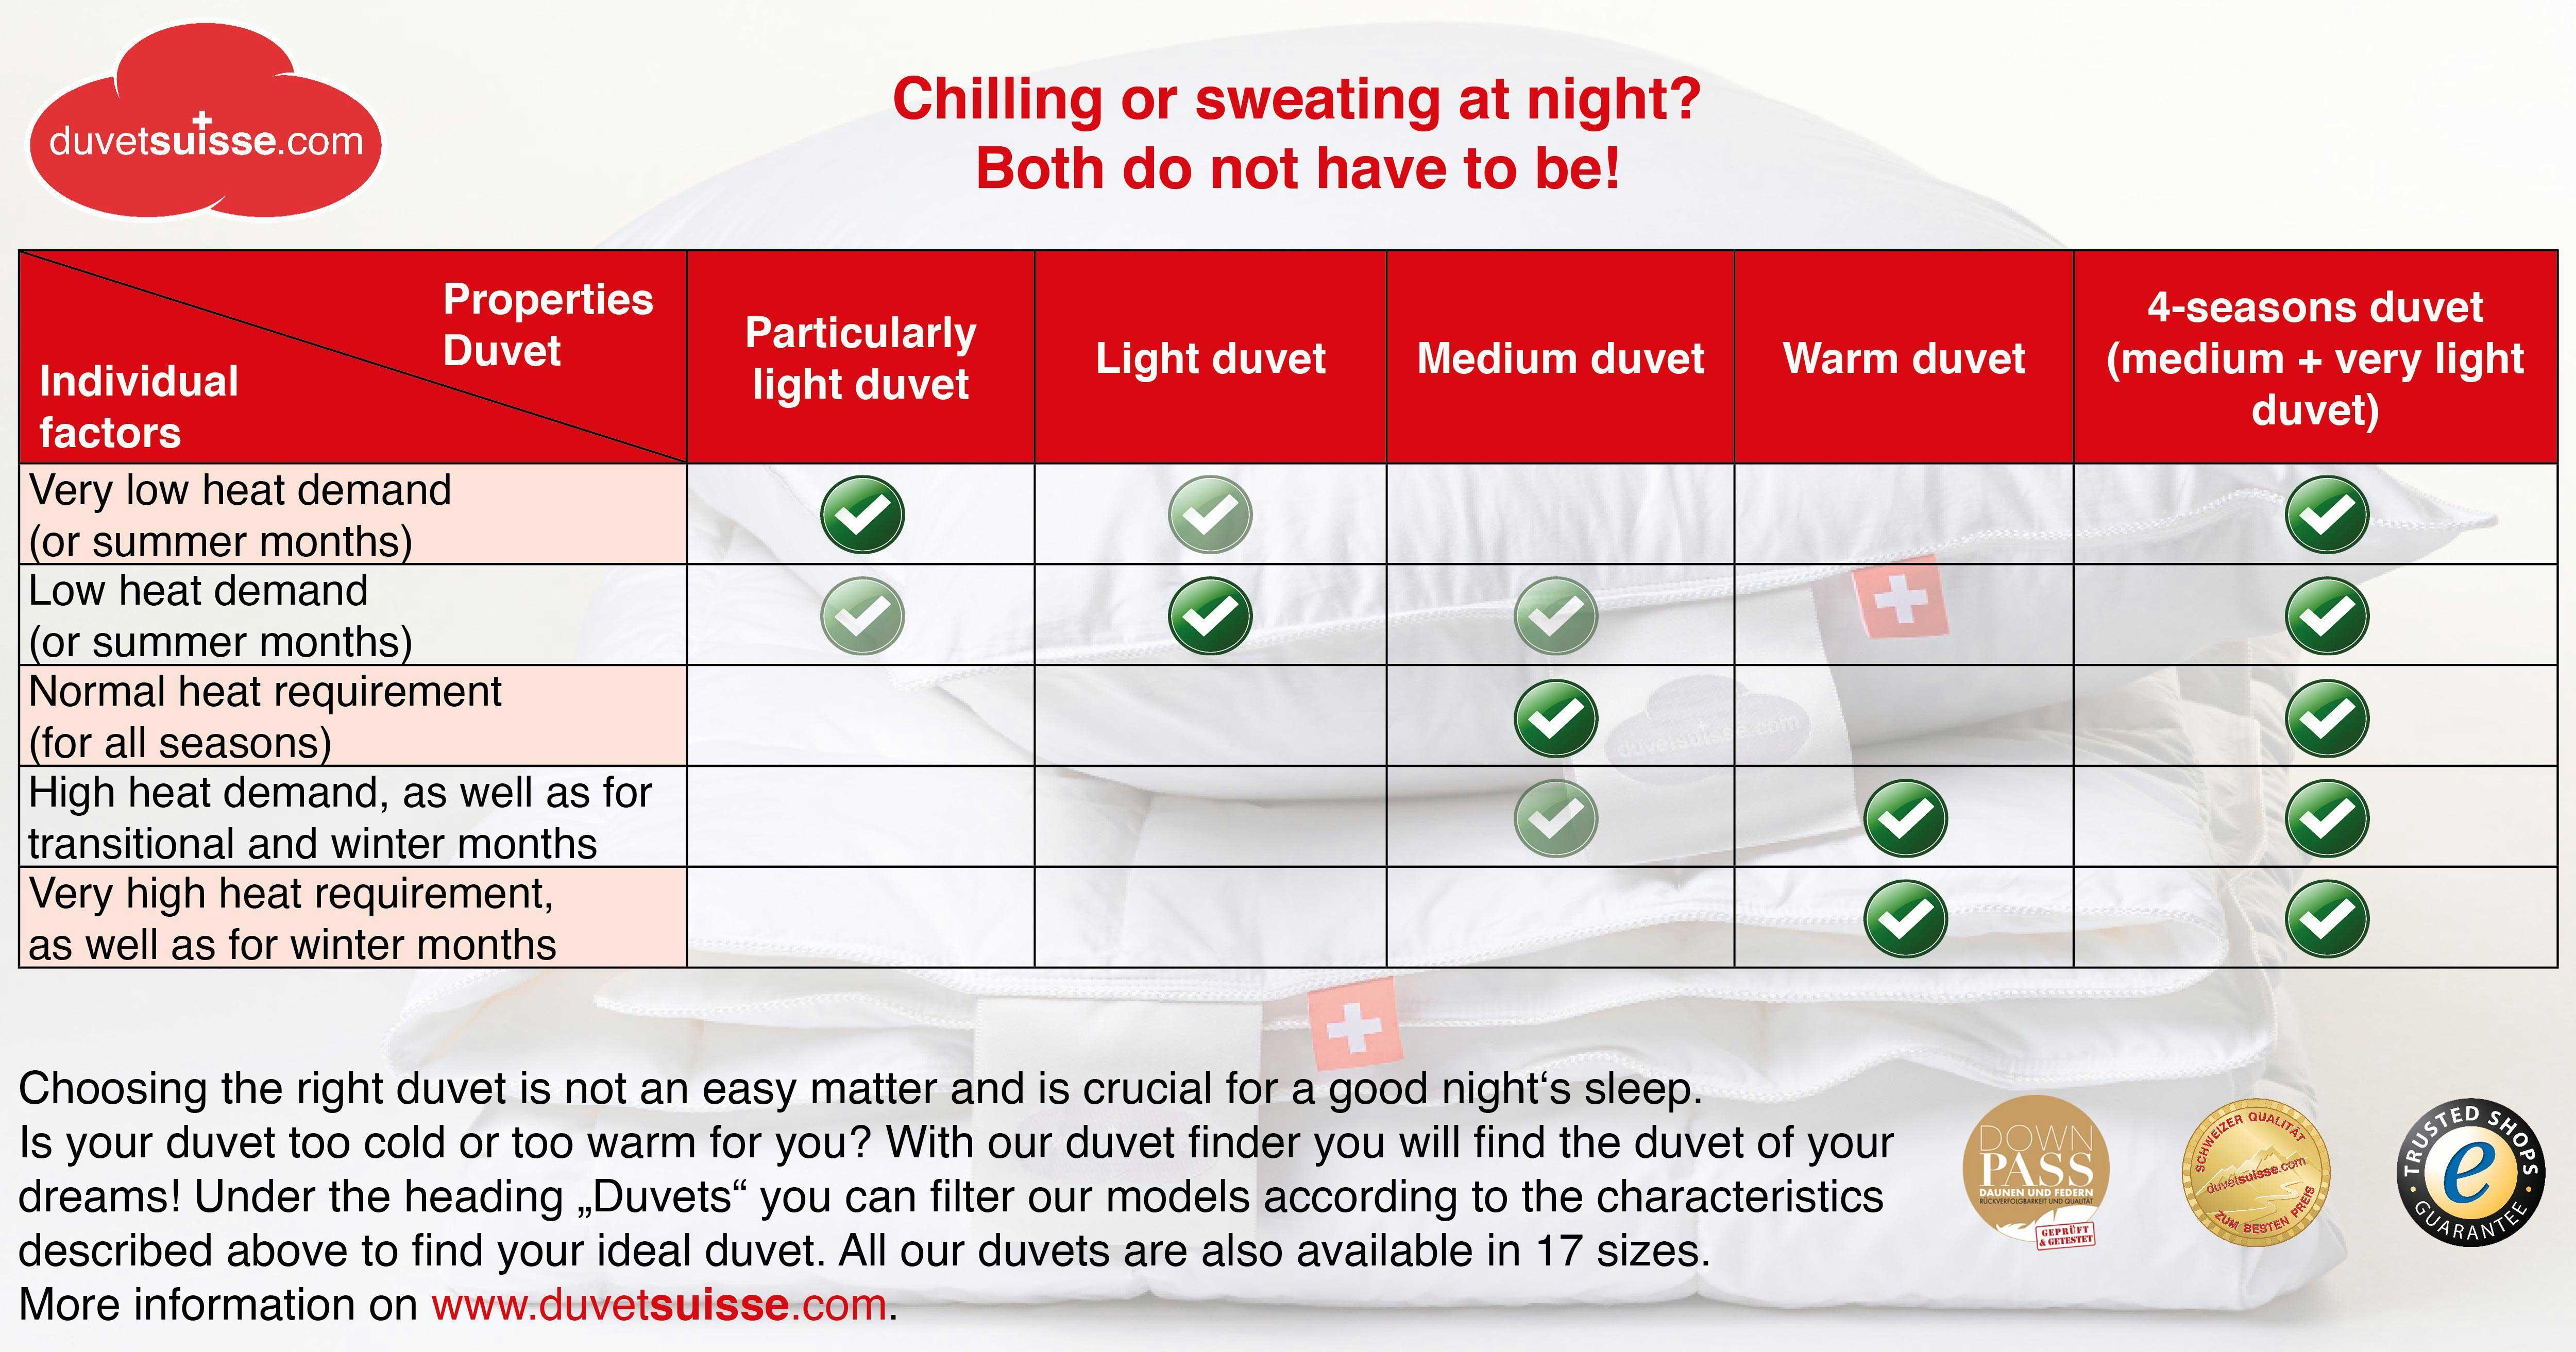 duvetsuisse-blog-duvetfinder-find-best-pillow-1